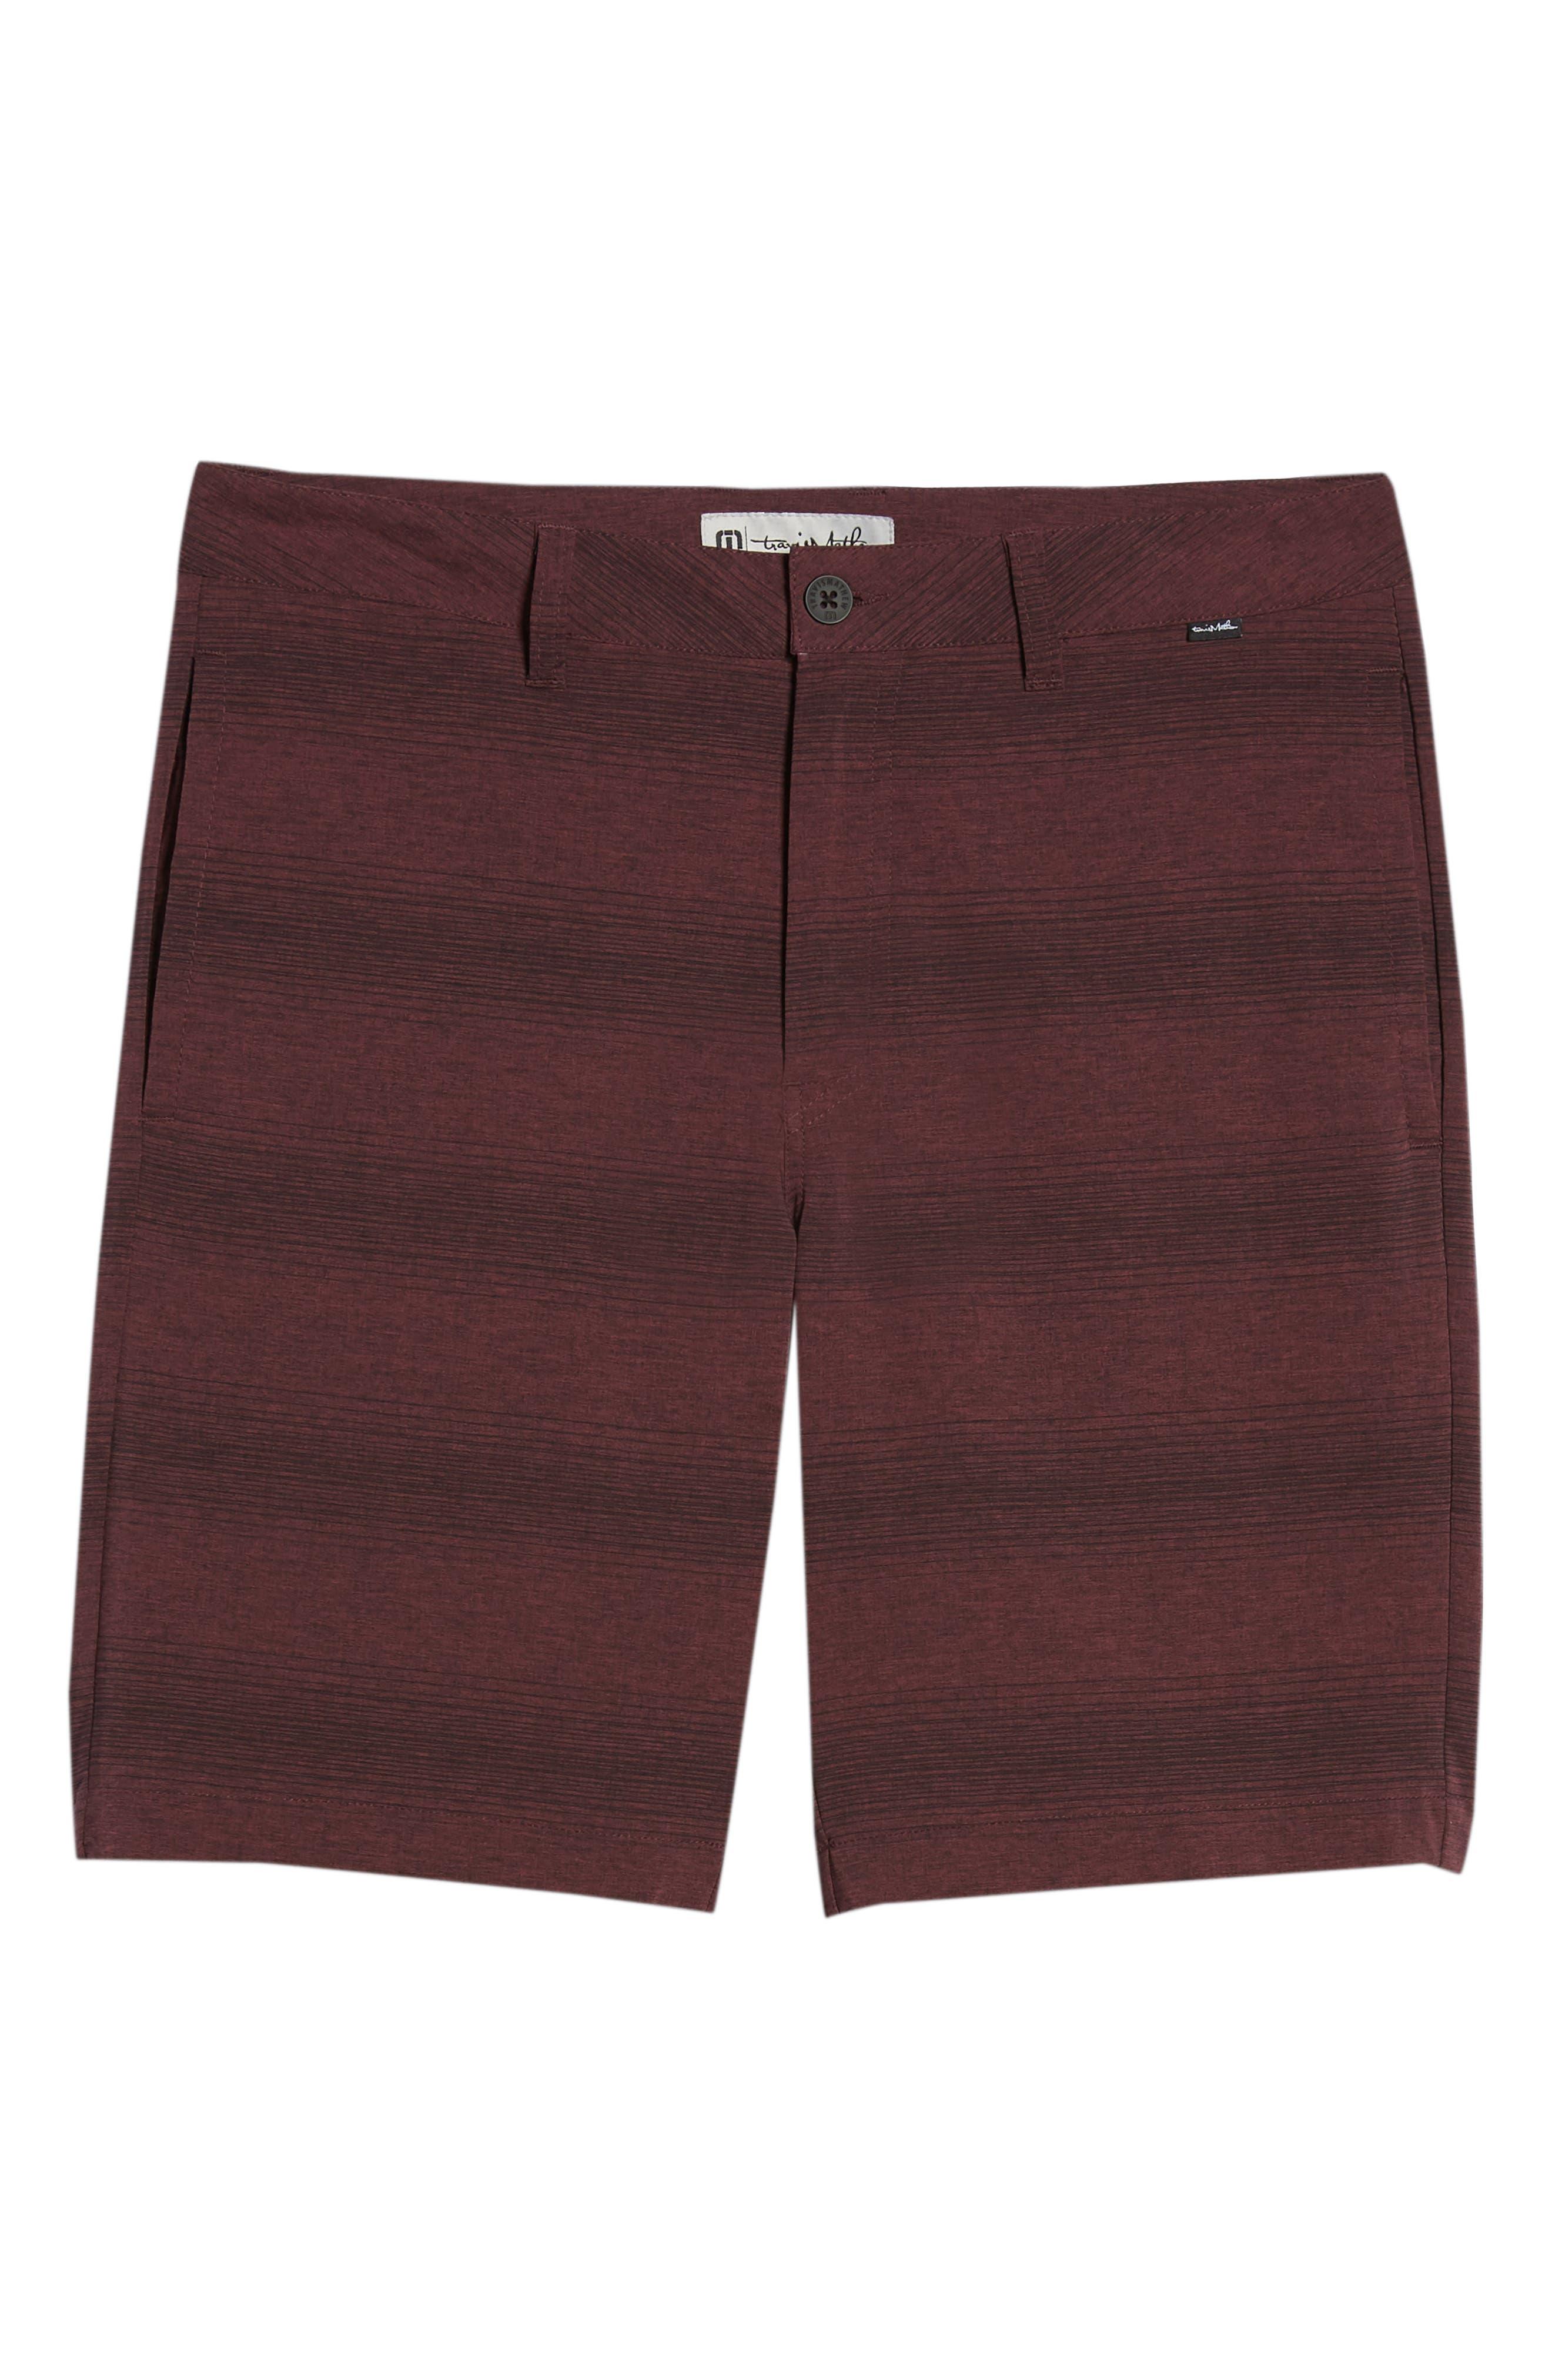 Tepic Shorts,                             Alternate thumbnail 6, color,                             Winetasting/ Black